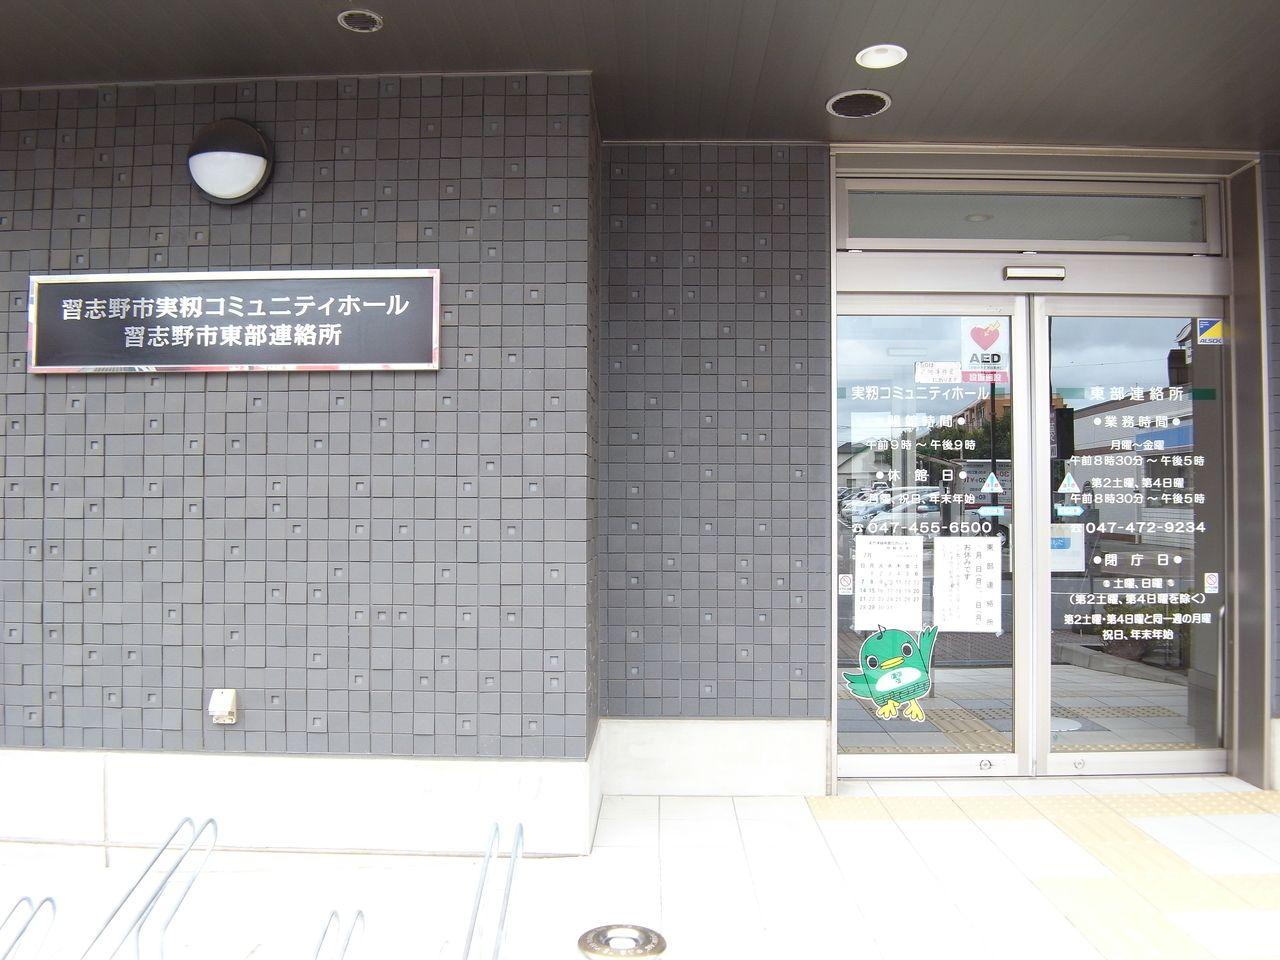 地域のための貸室と習志野市の東部支所があります。